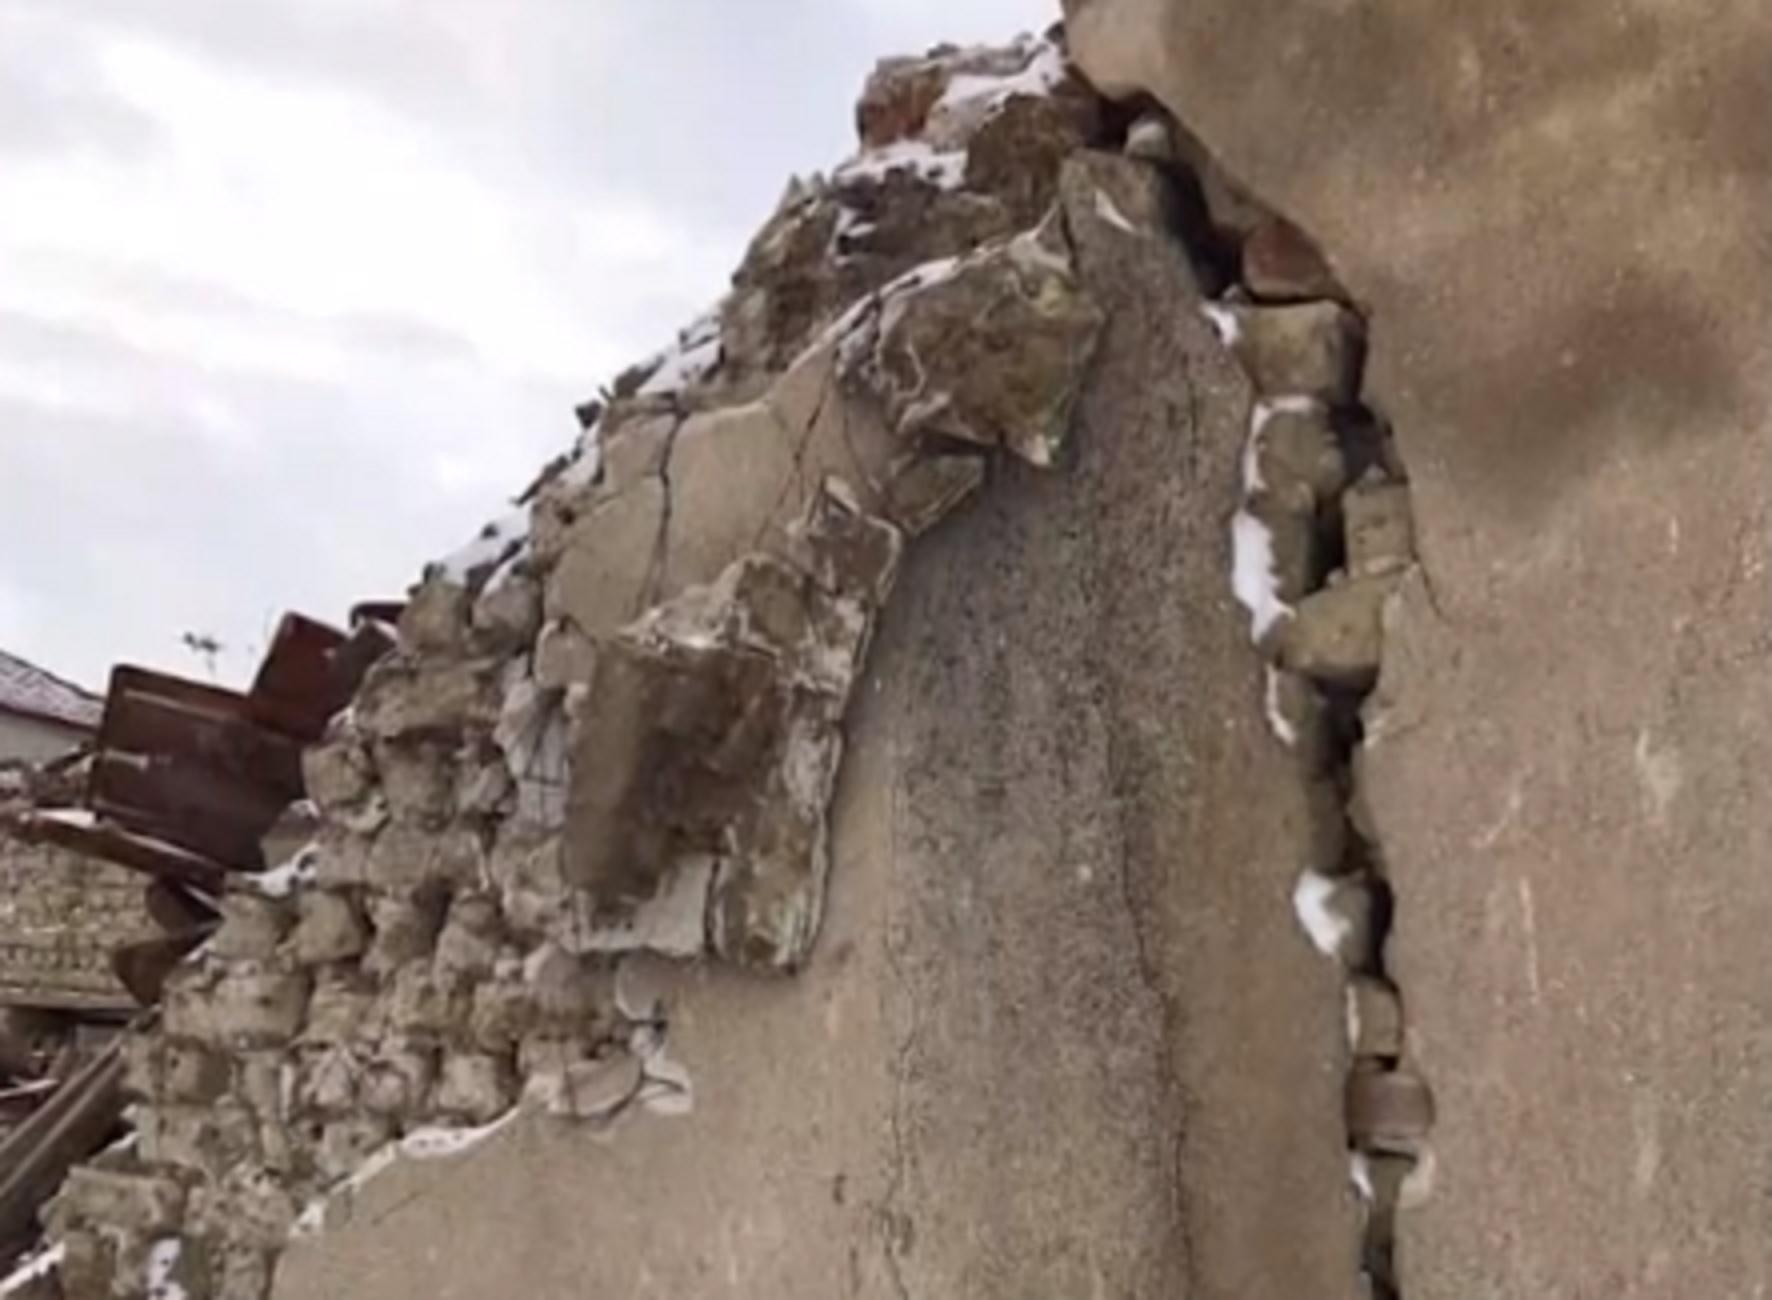 Φλώρινα: Φοβούνται ότι θα ανοίξει η γη και θα τους καταπιεί – Αυτό είναι το χωριό που κινδυνεύει να σβήσει από τον χάρτη (video)